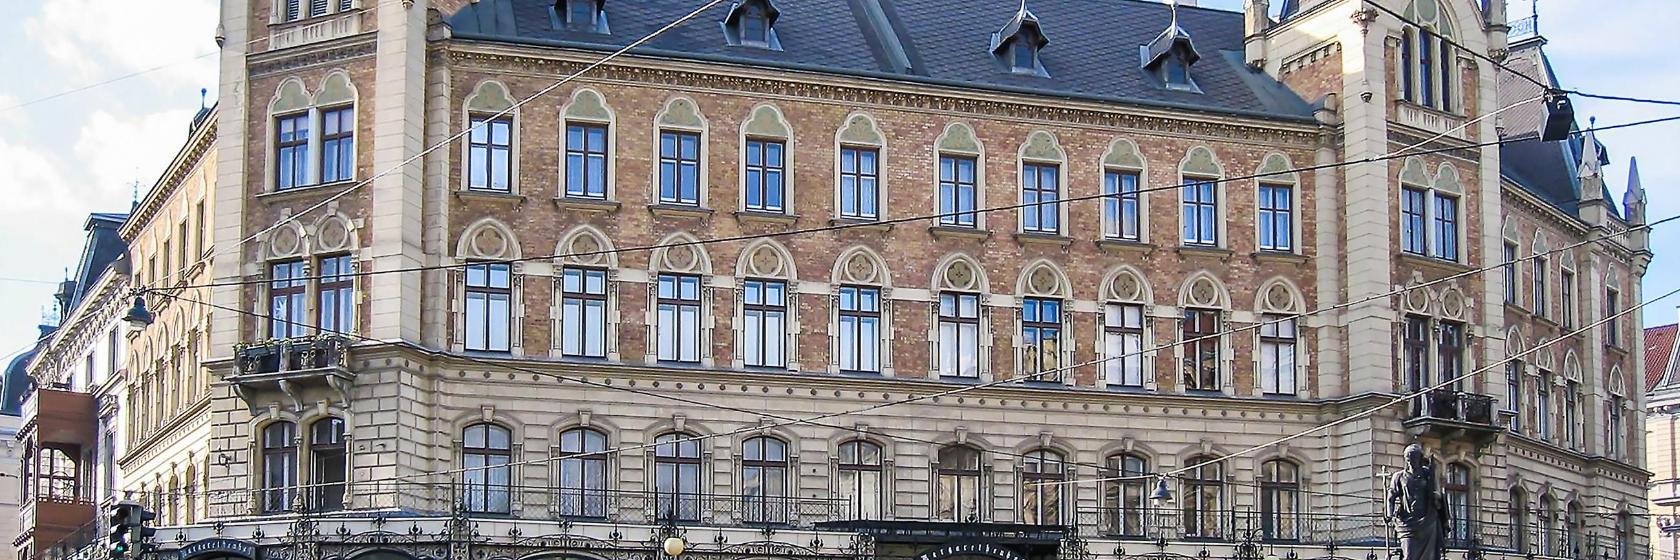 05. Margareten, Vienna Hotels